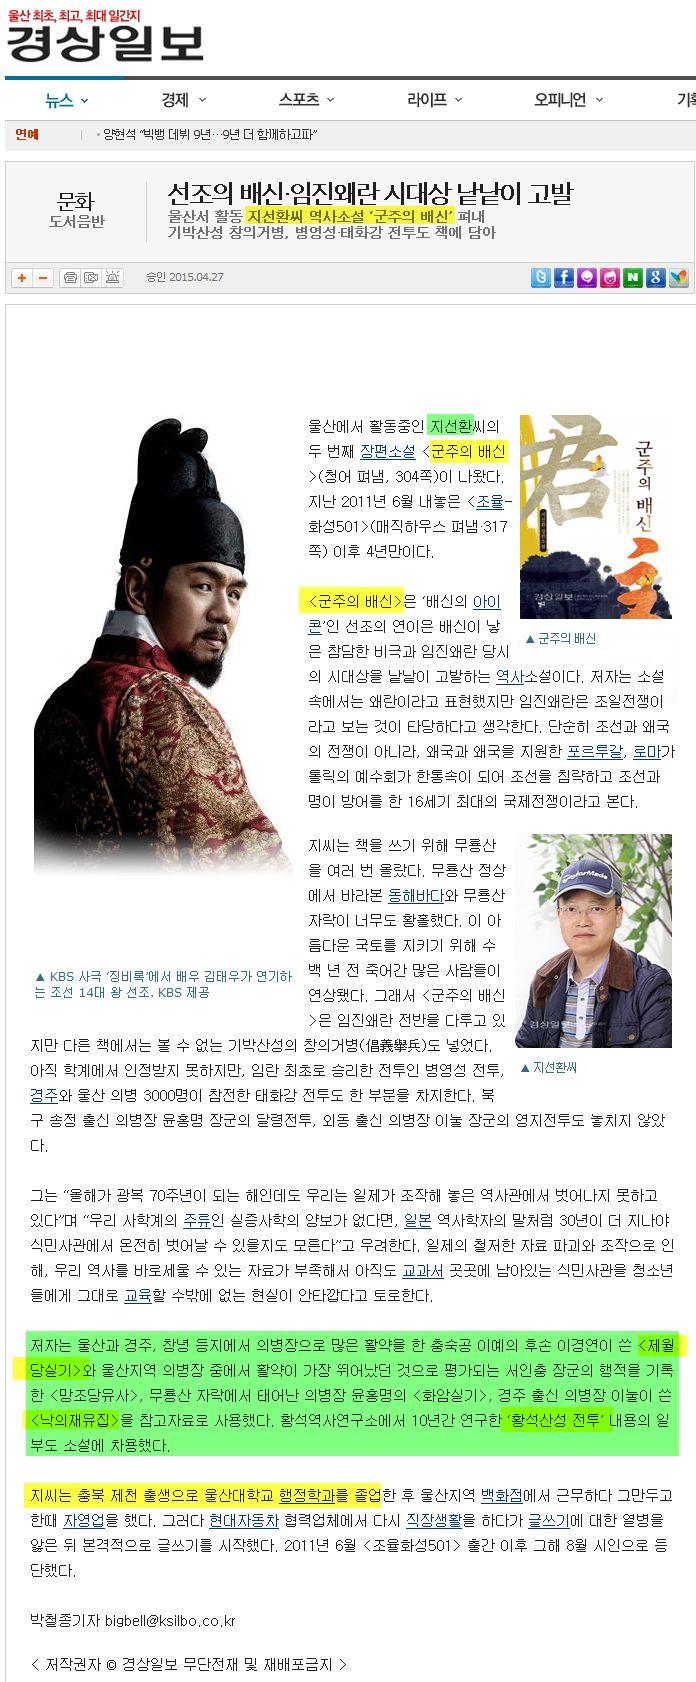 지선환 장편소설 군주의 배신 경상일보에 소개되다.